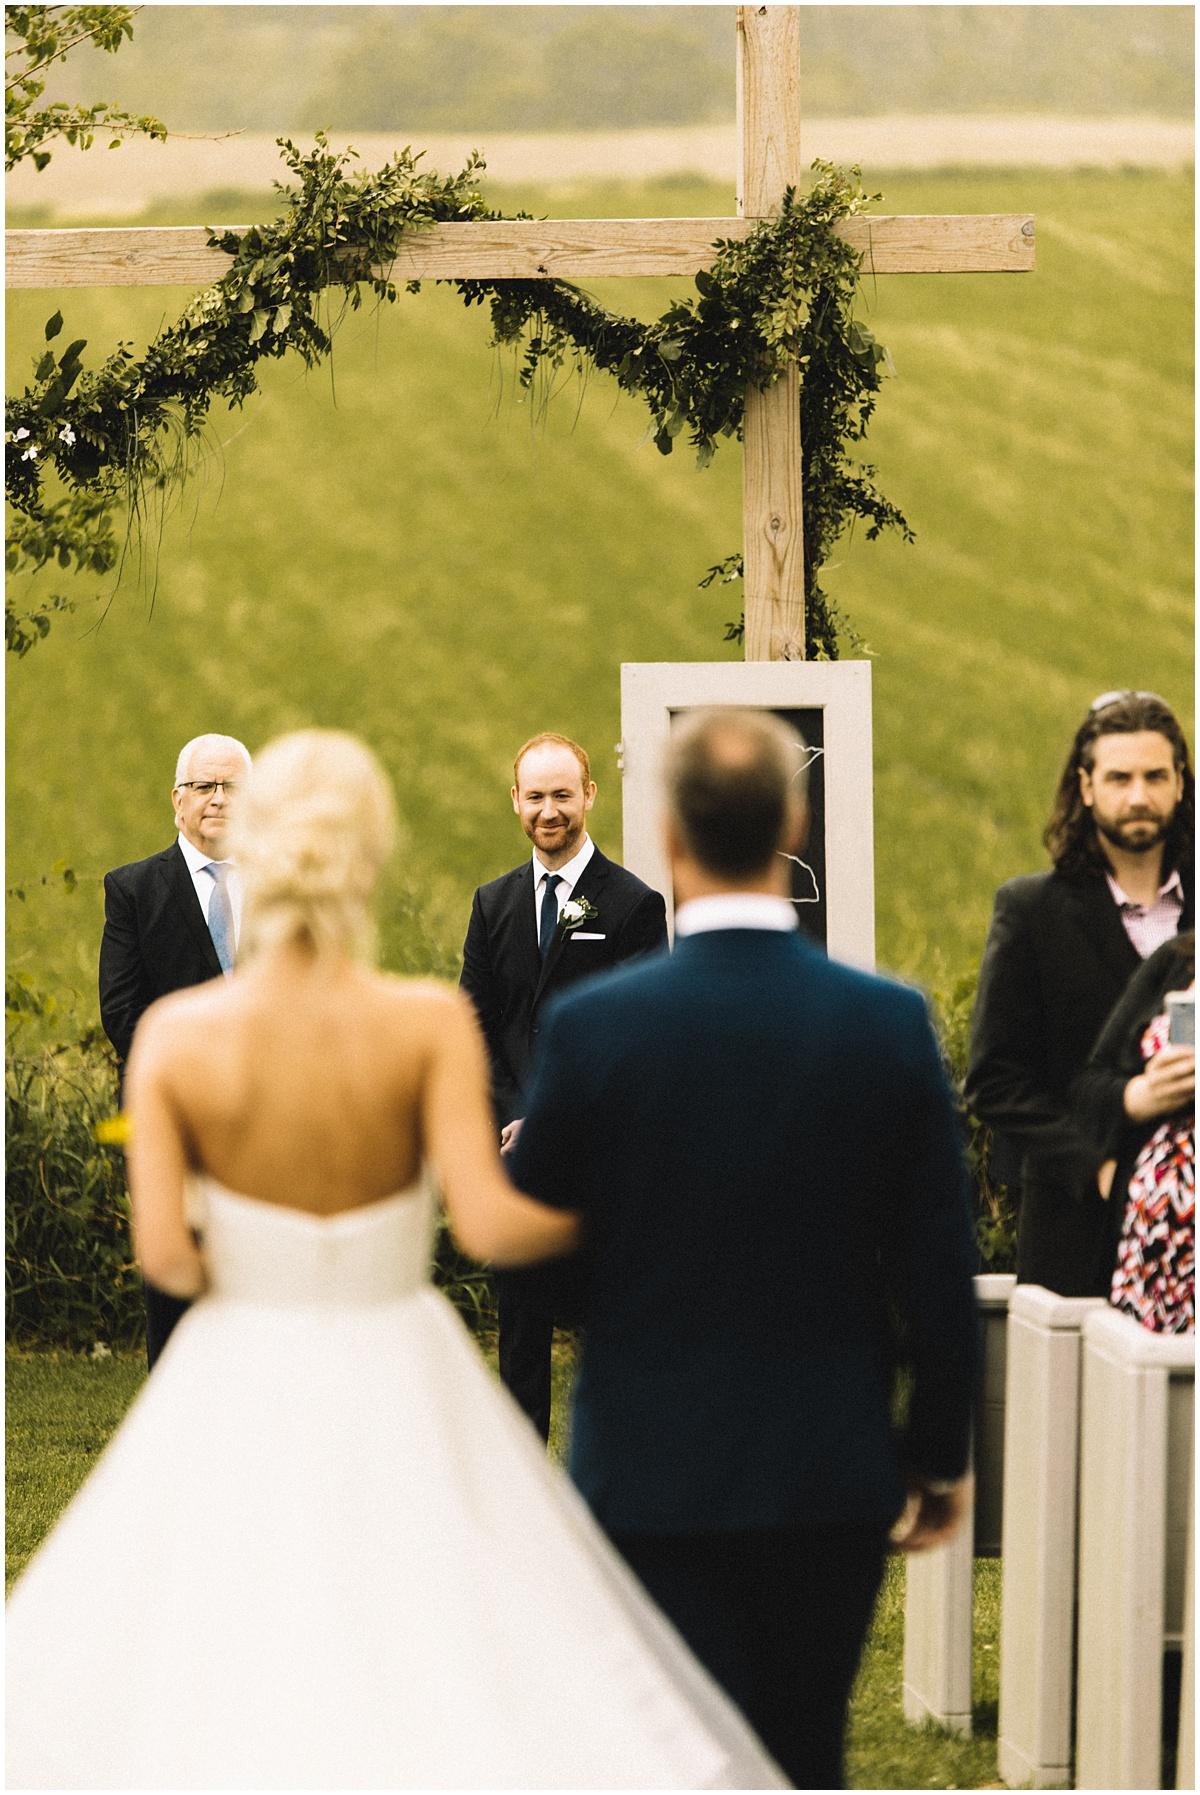 Emily + Ben Legacy Hill Farm Wedding_0320.jpg